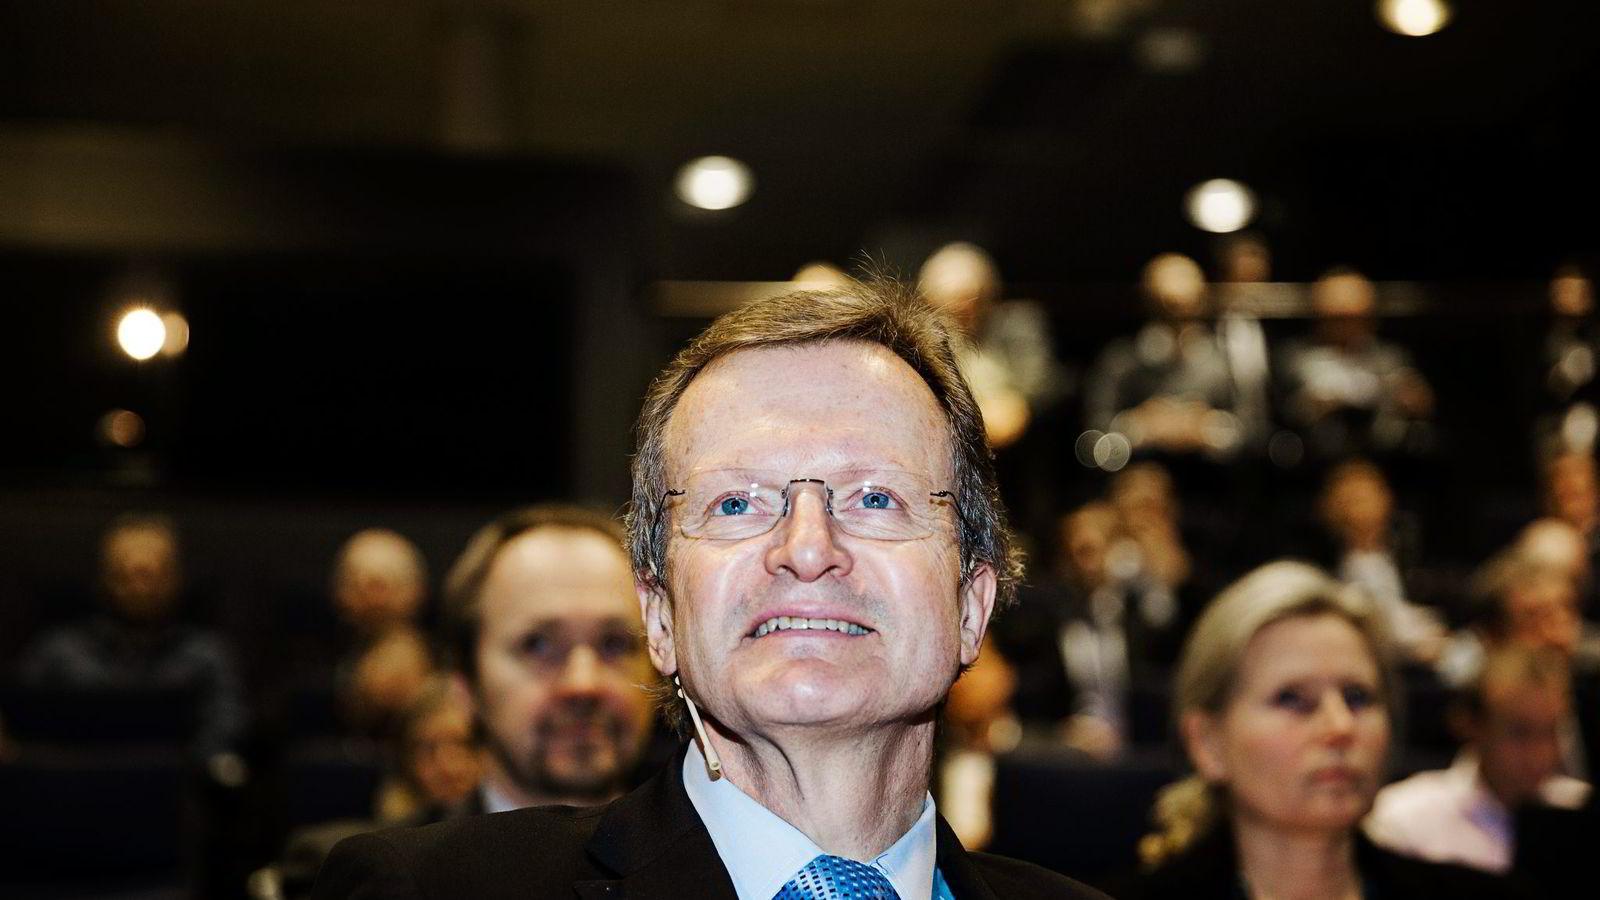 TILLIT. Telenor-sjef Jon Fredrik Baksaas har fått nok en kinkig sak i fanget.